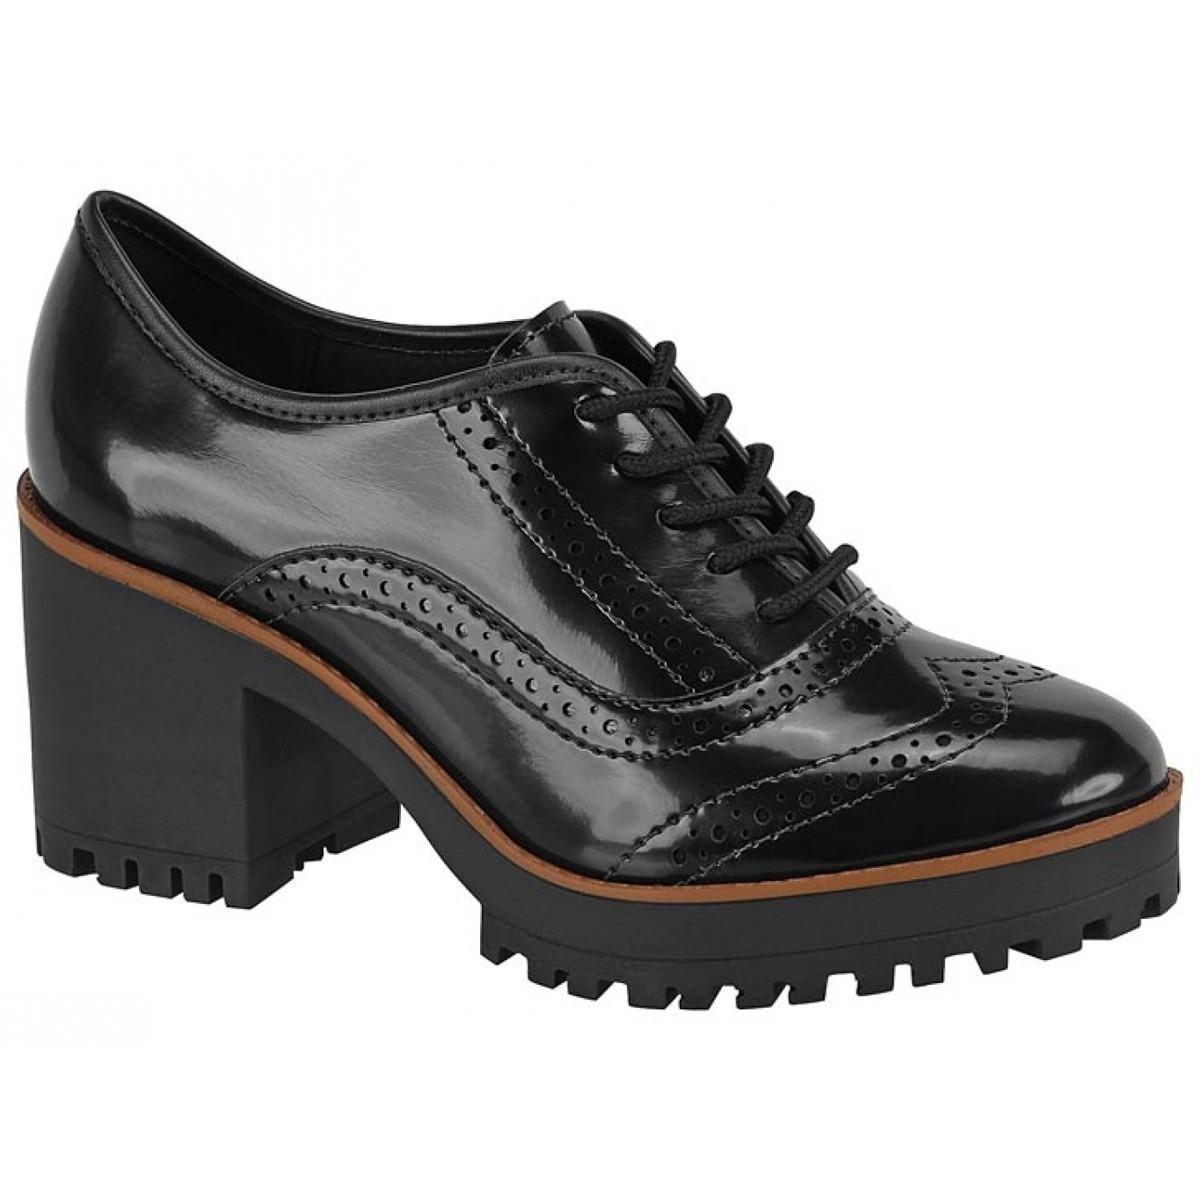 fc17a40b09 Sapato Oxford Tratorado Moleca Verniz Preto - 5626-104 - R  134